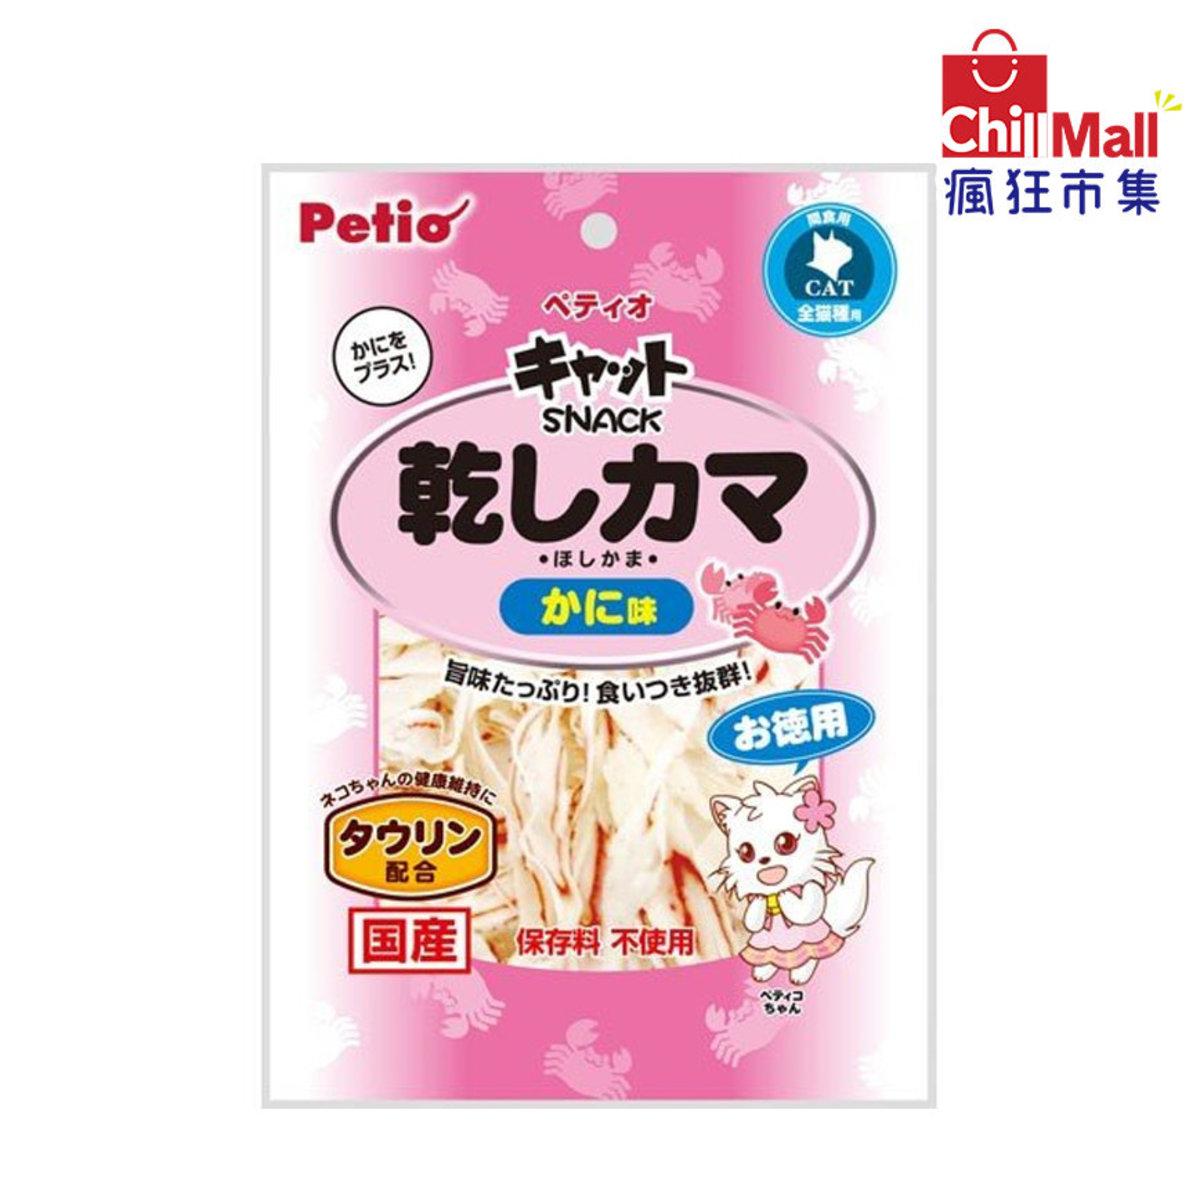 日本Petio 白身魚魚絲 蟹味 45g 8125881